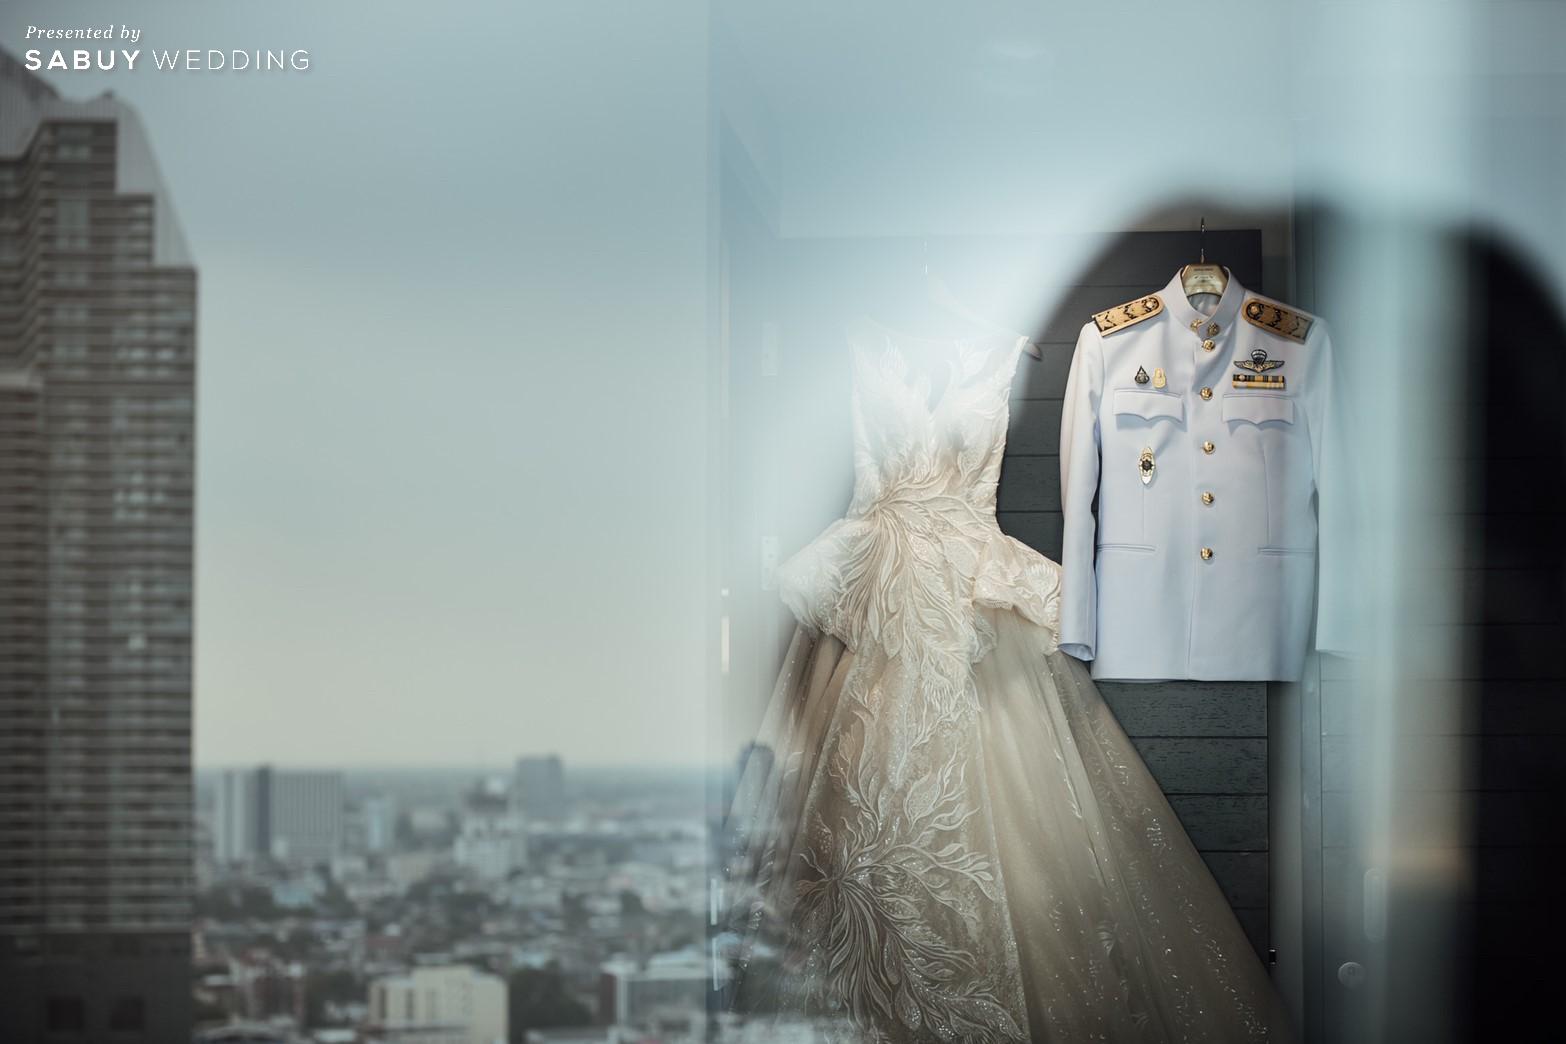 ชุดแต่งงาน,ชุดเจ้าสาว รีวิวงานแต่งริมน้ำสุดอบอุ่น สวยละมุนในโทนขาวเขียว @ Chatrium Hotel Riverside Bangkok